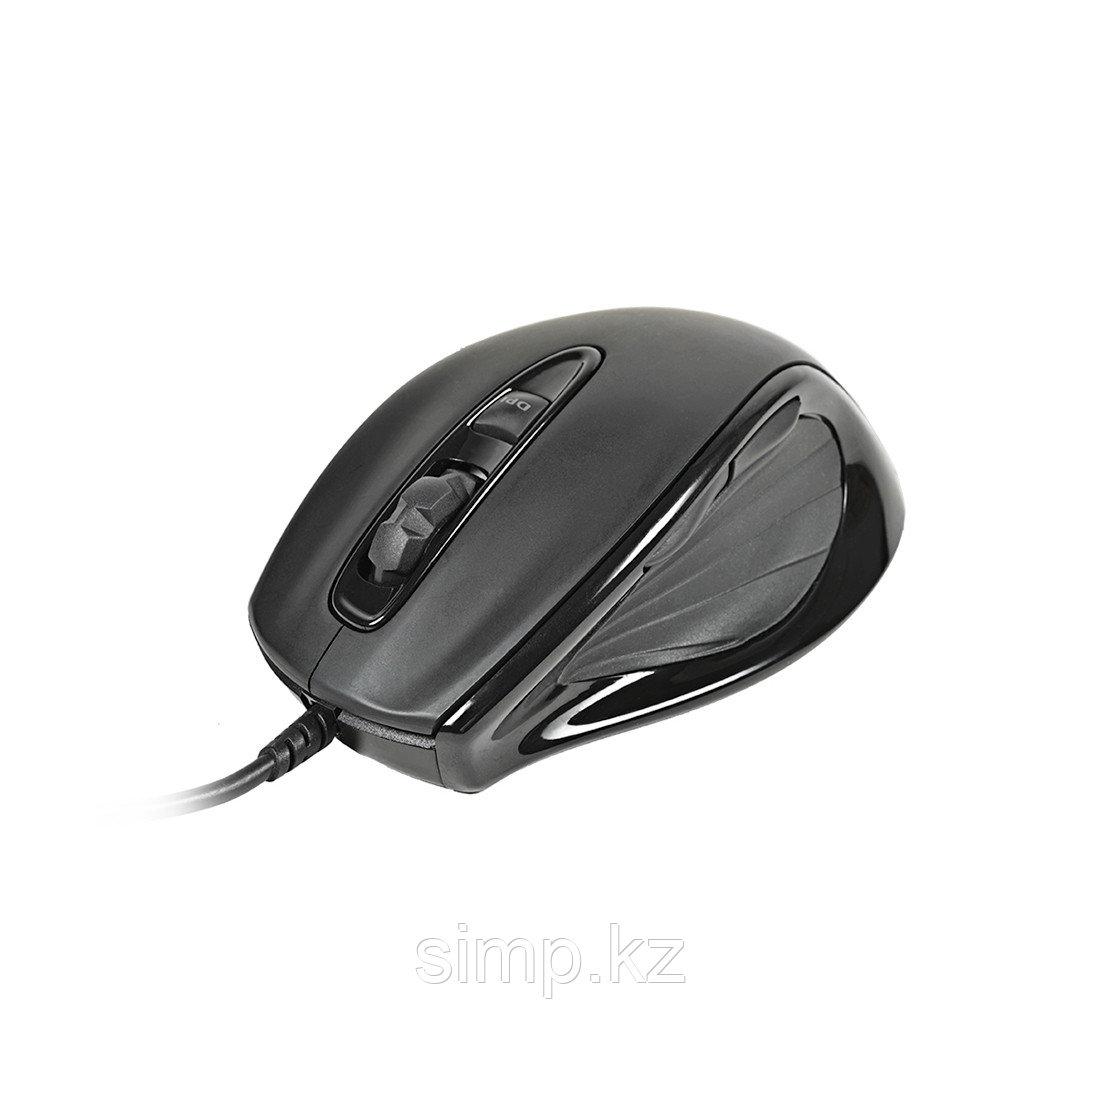 Мышь Gigabyte GM-M6880X